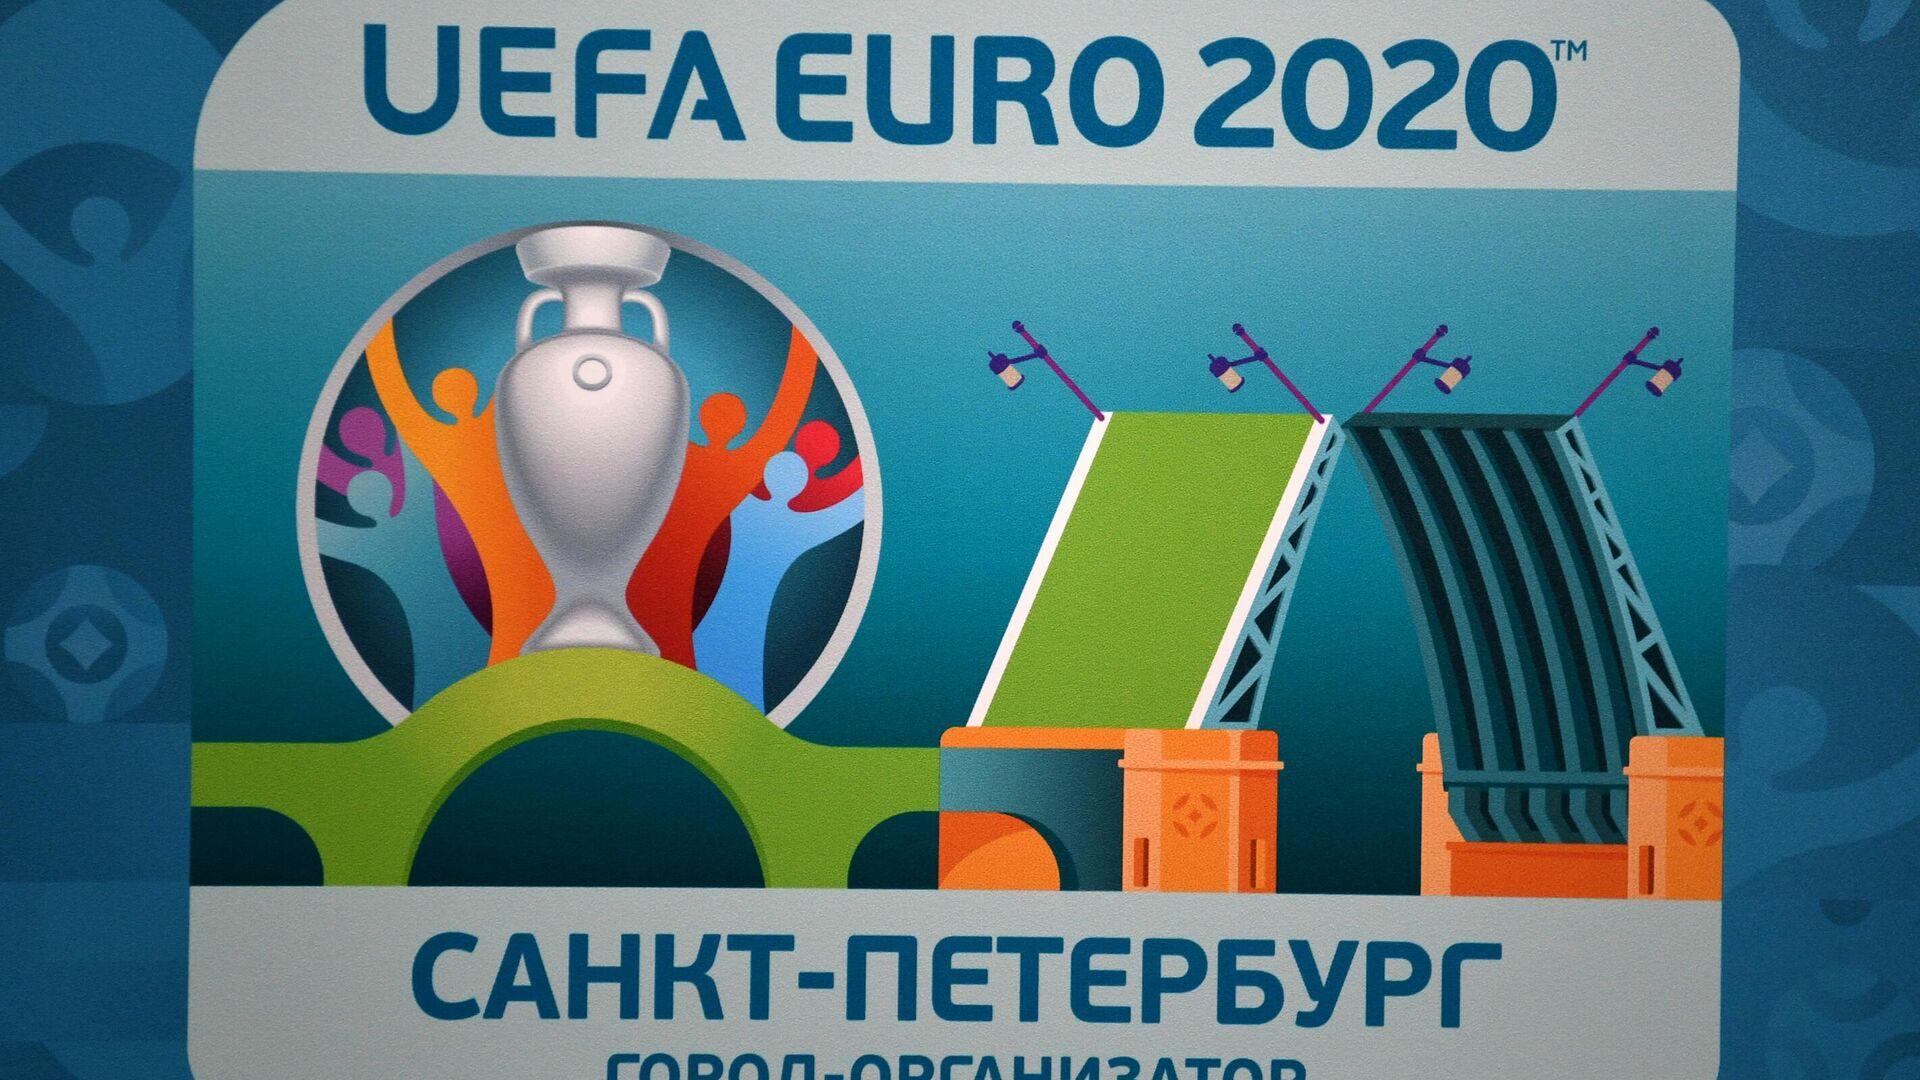 Официальный логотип  Санкт-Петербурга как одного из организаторов чемпионата Европы по футболу - РИА Новости, 1920, 29.04.2021